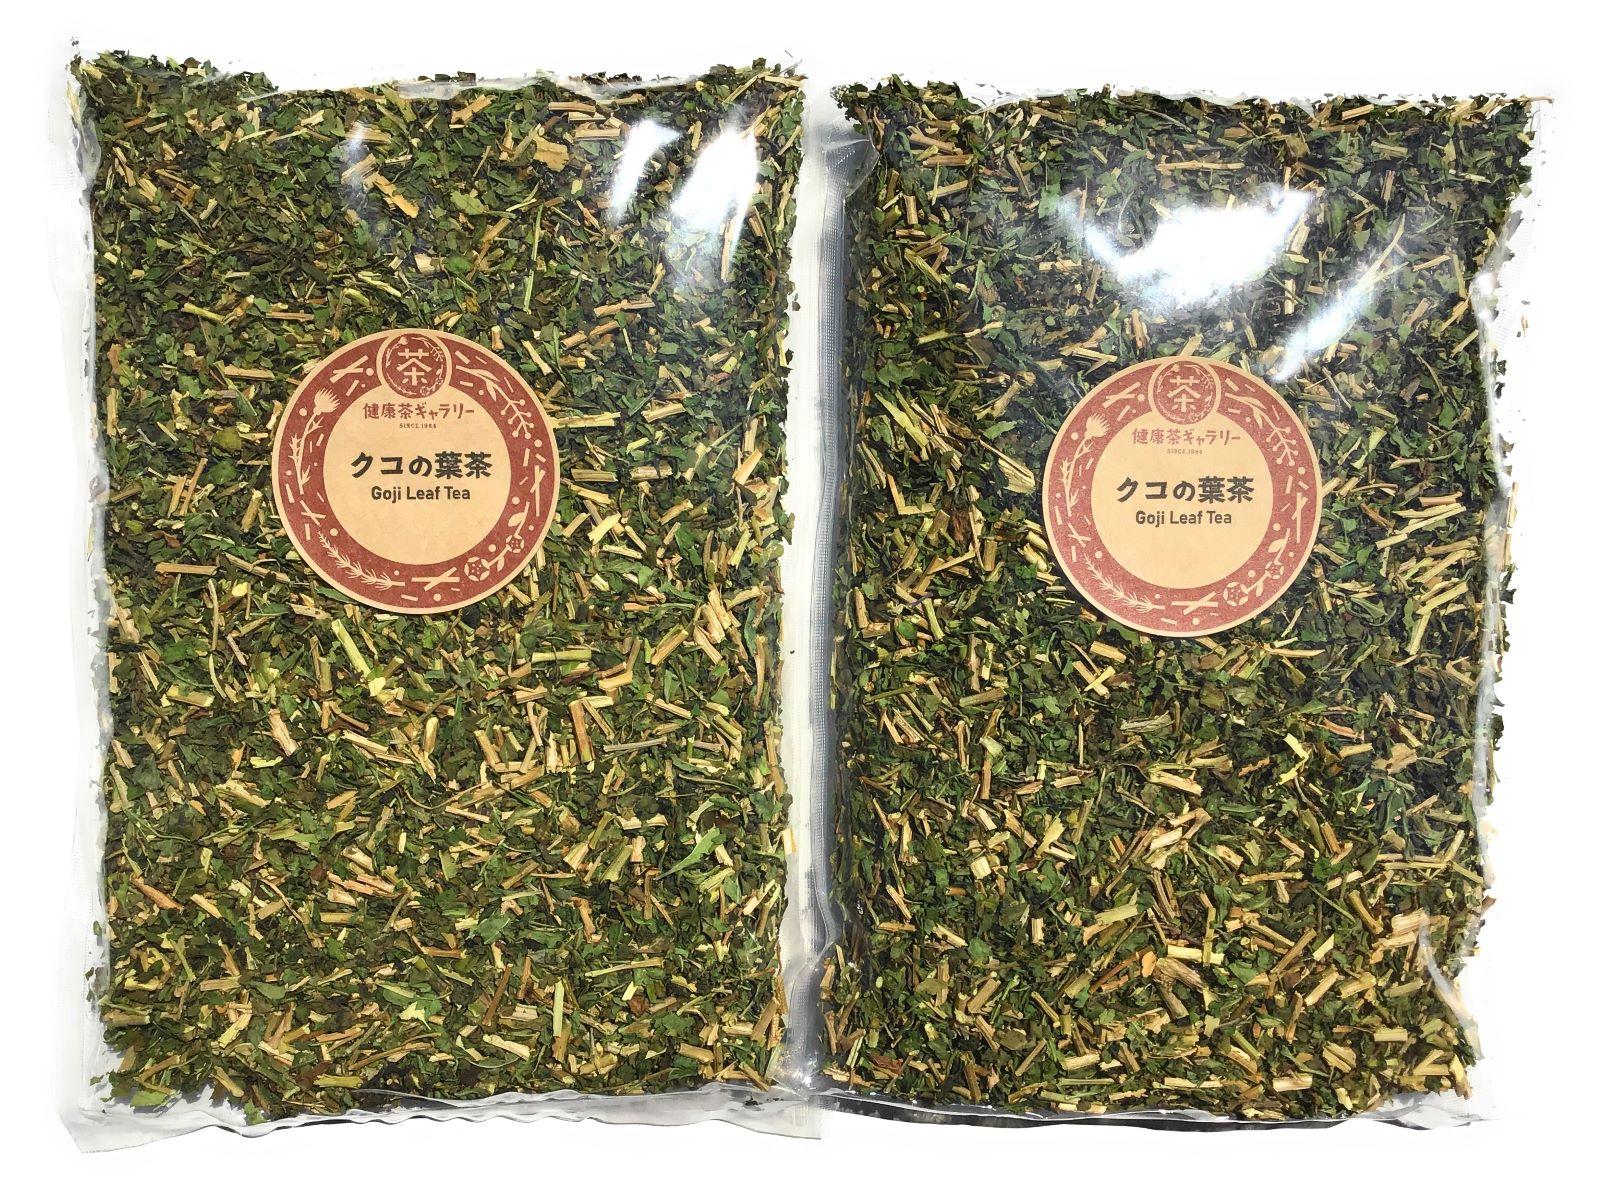 クコの葉茶 ( 枸杞の葉茶 )250g×2個【宅配便 送料無料 】Goji Leaf Tea【 日本産 クコの葉 クコ茶 】